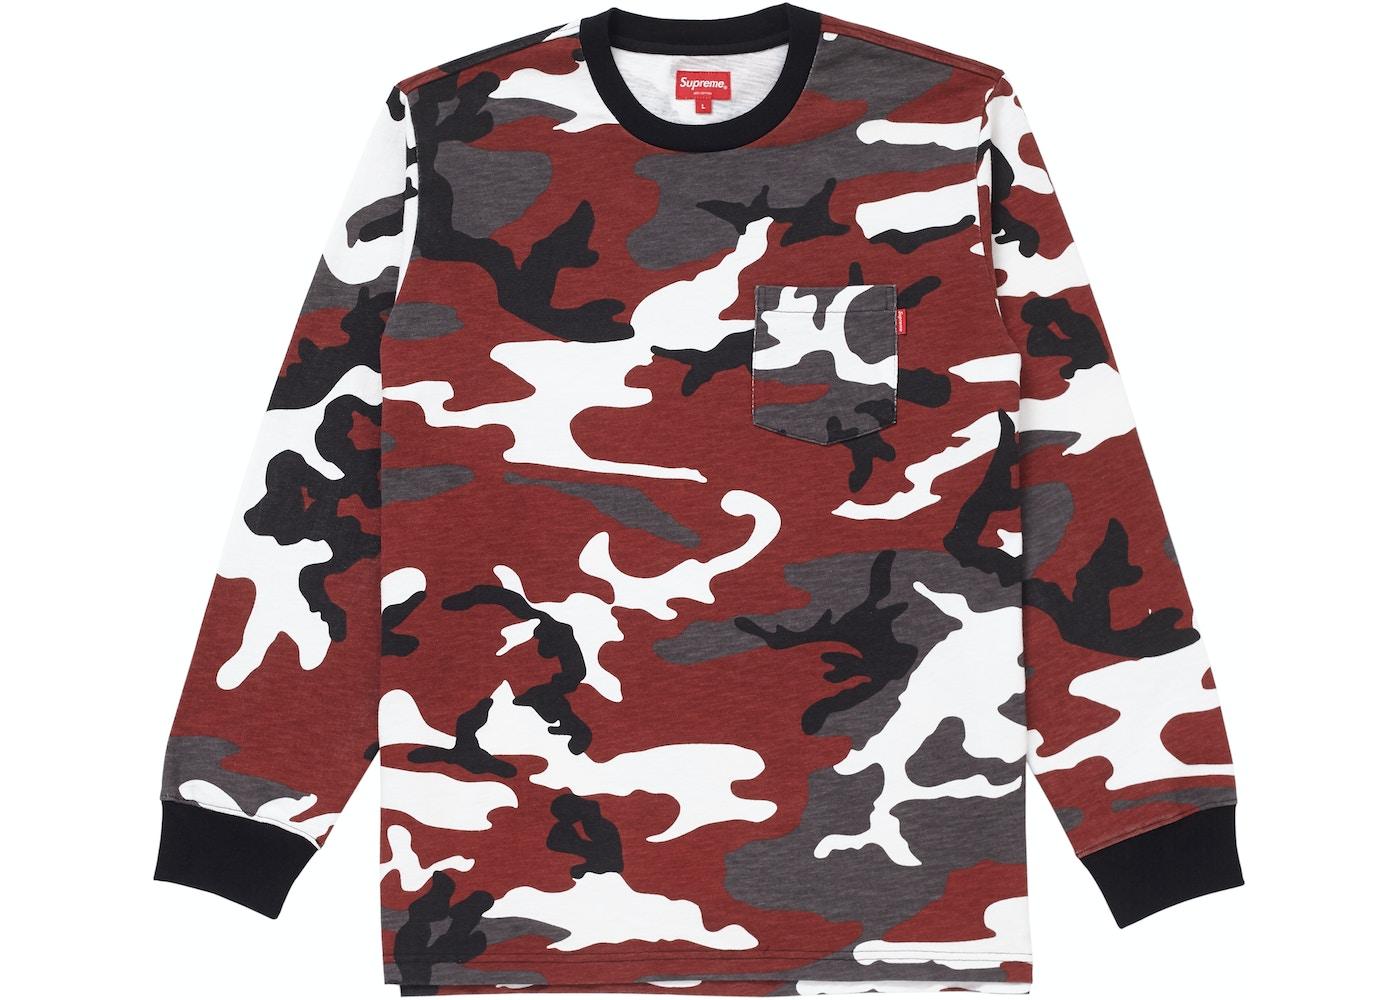 f8f404dd Streetwear - Supreme Tops/Sweatshirts - Most Popular